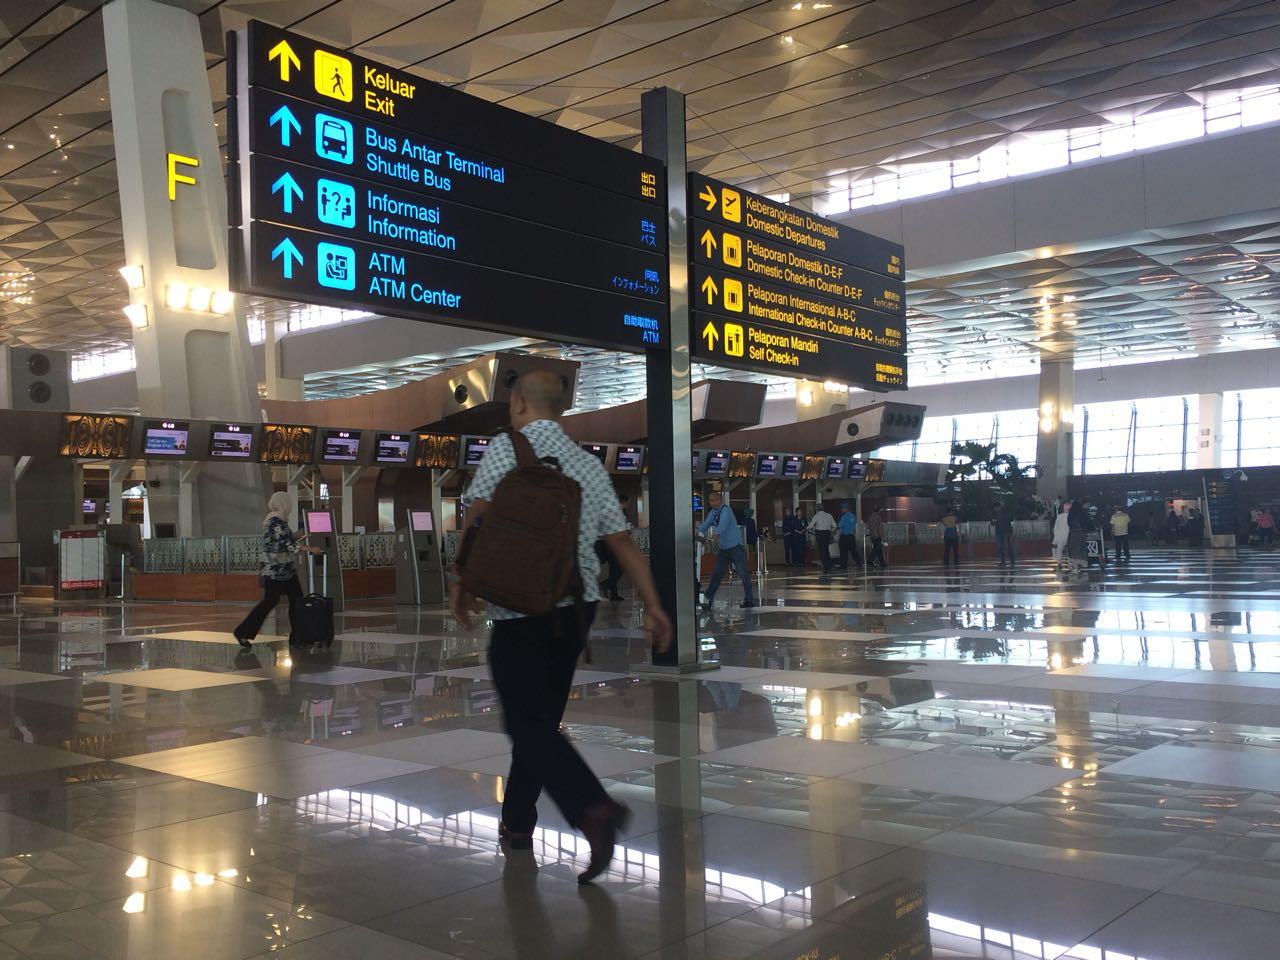 https: img.okezone.com content 2020 09 06 320 2273420 ada-jalur-khusus-untuk-pekerja-migran-di-bandara-soetta-kx2YxsJuhd.jpg